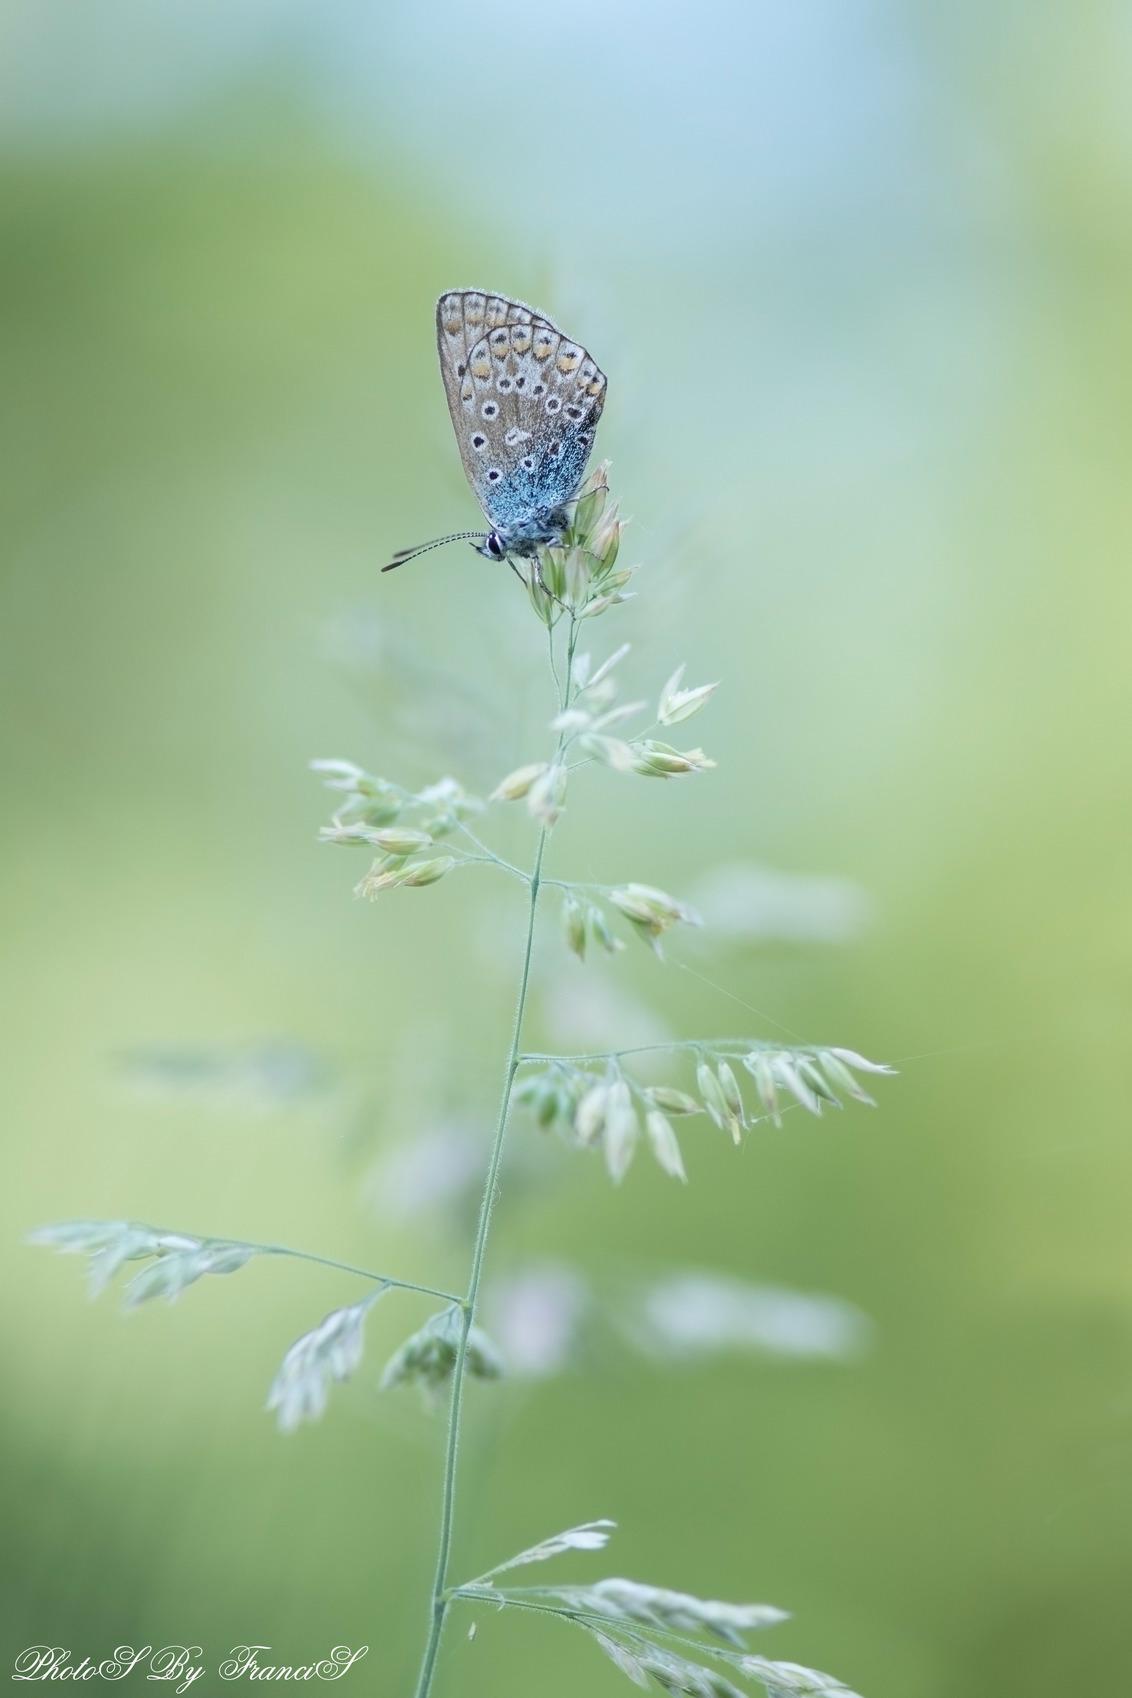 Mooi slaapplekje - Even uitgeschakeld door schouder en nekklachten, maar ik ben weer in beweging zal ik maar zeggen. Daarom even wat foto's van vorig jaar dan maar. Ik  - foto door Francis-Dost op 28-05-2018 - deze foto bevat: macro, lente, natuur, vlinder, licht, insect, dof